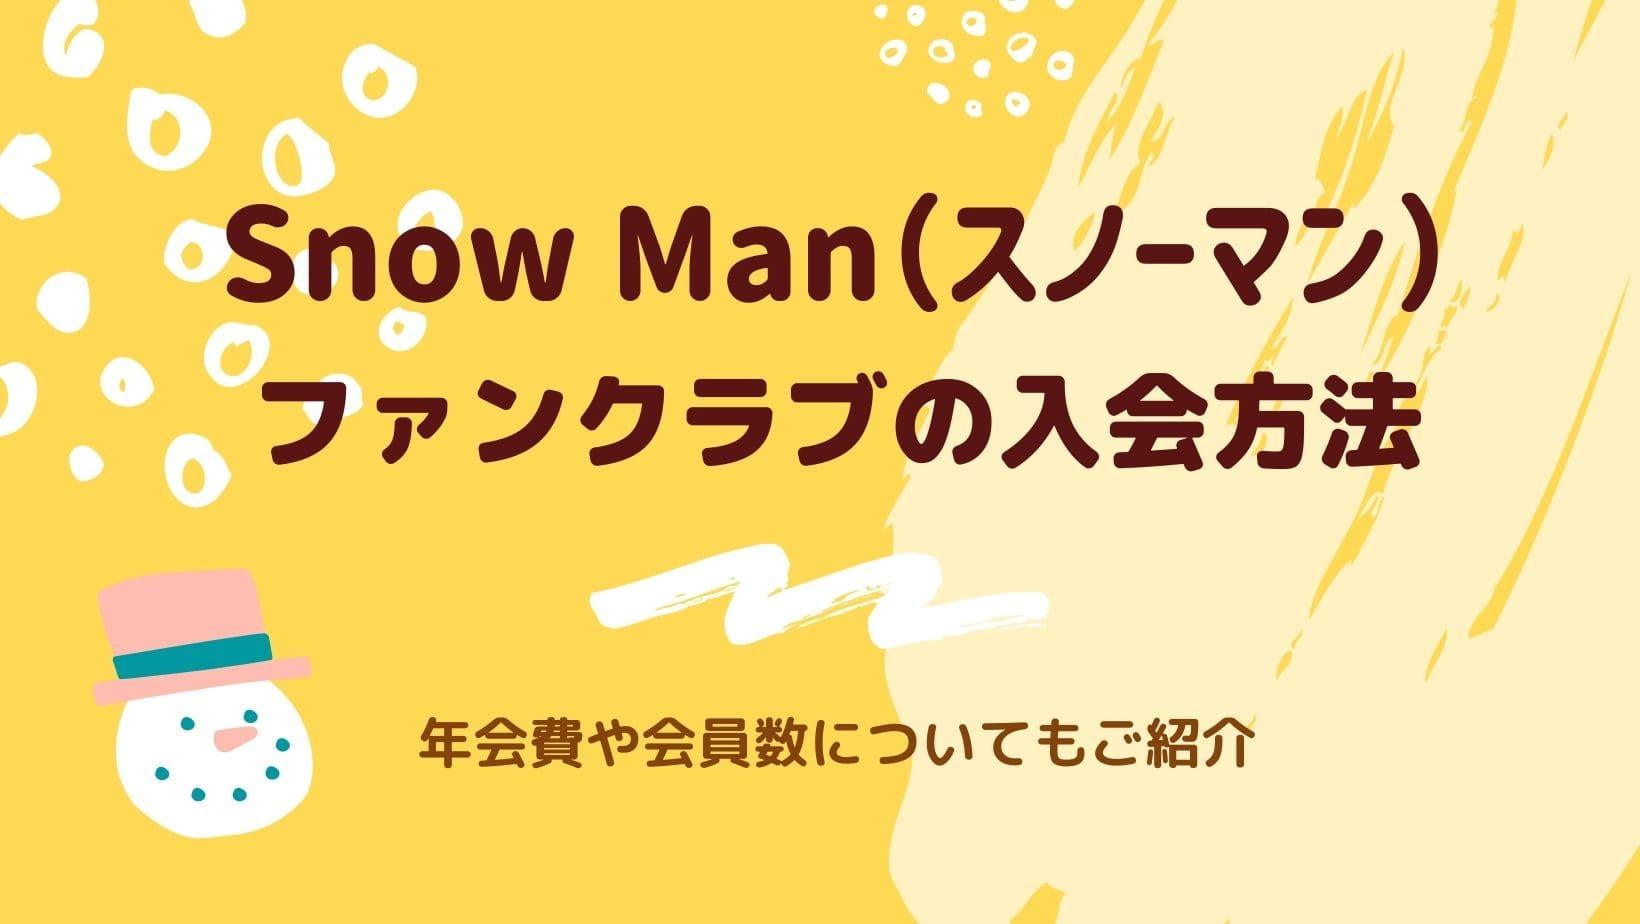 Snow Man(スノーマン)のファンクラブの入り方